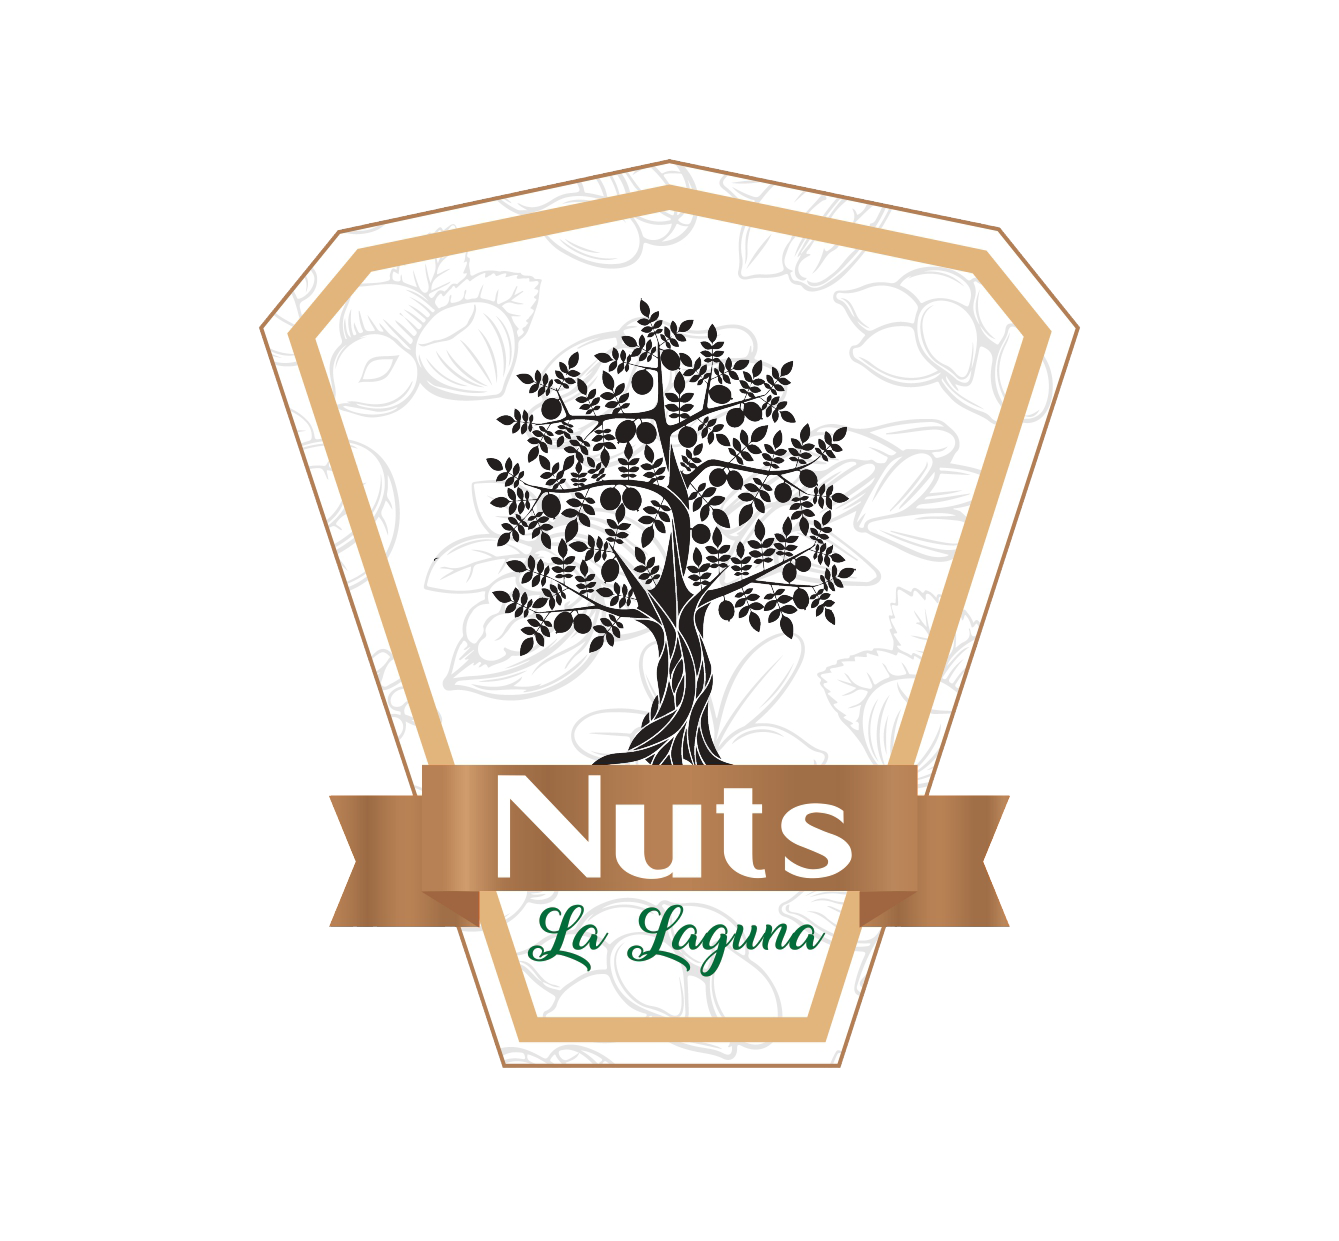 variedades de nueces